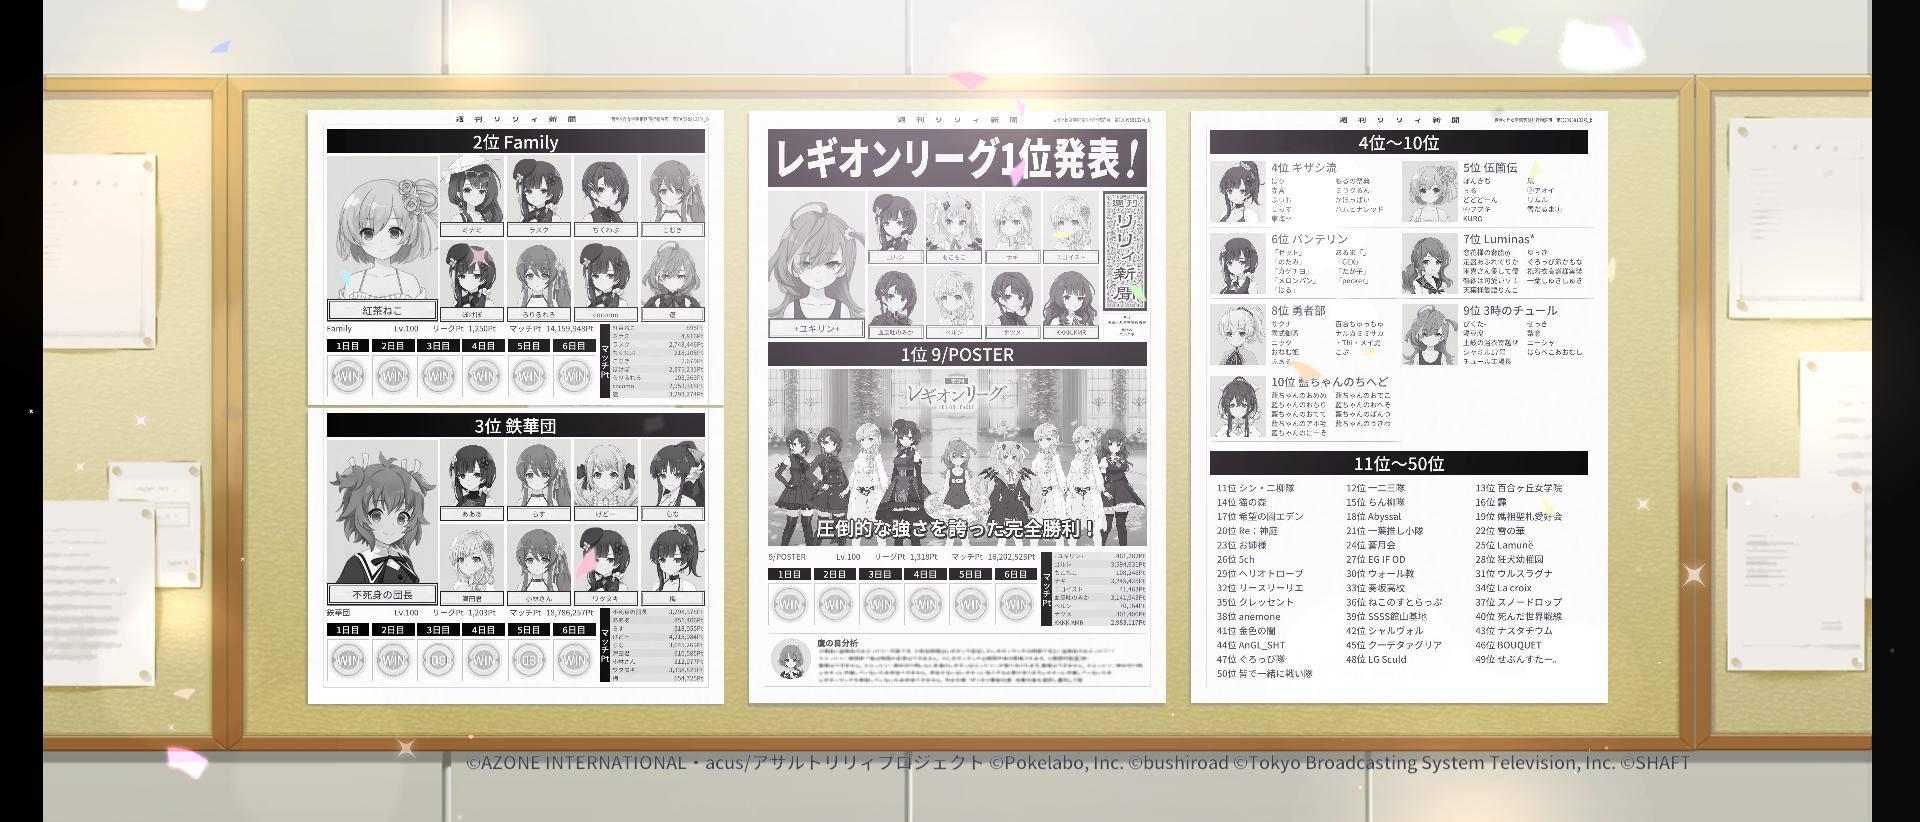 【ラスバレ】レギオンリーグ結果発表の新聞って見直せる?